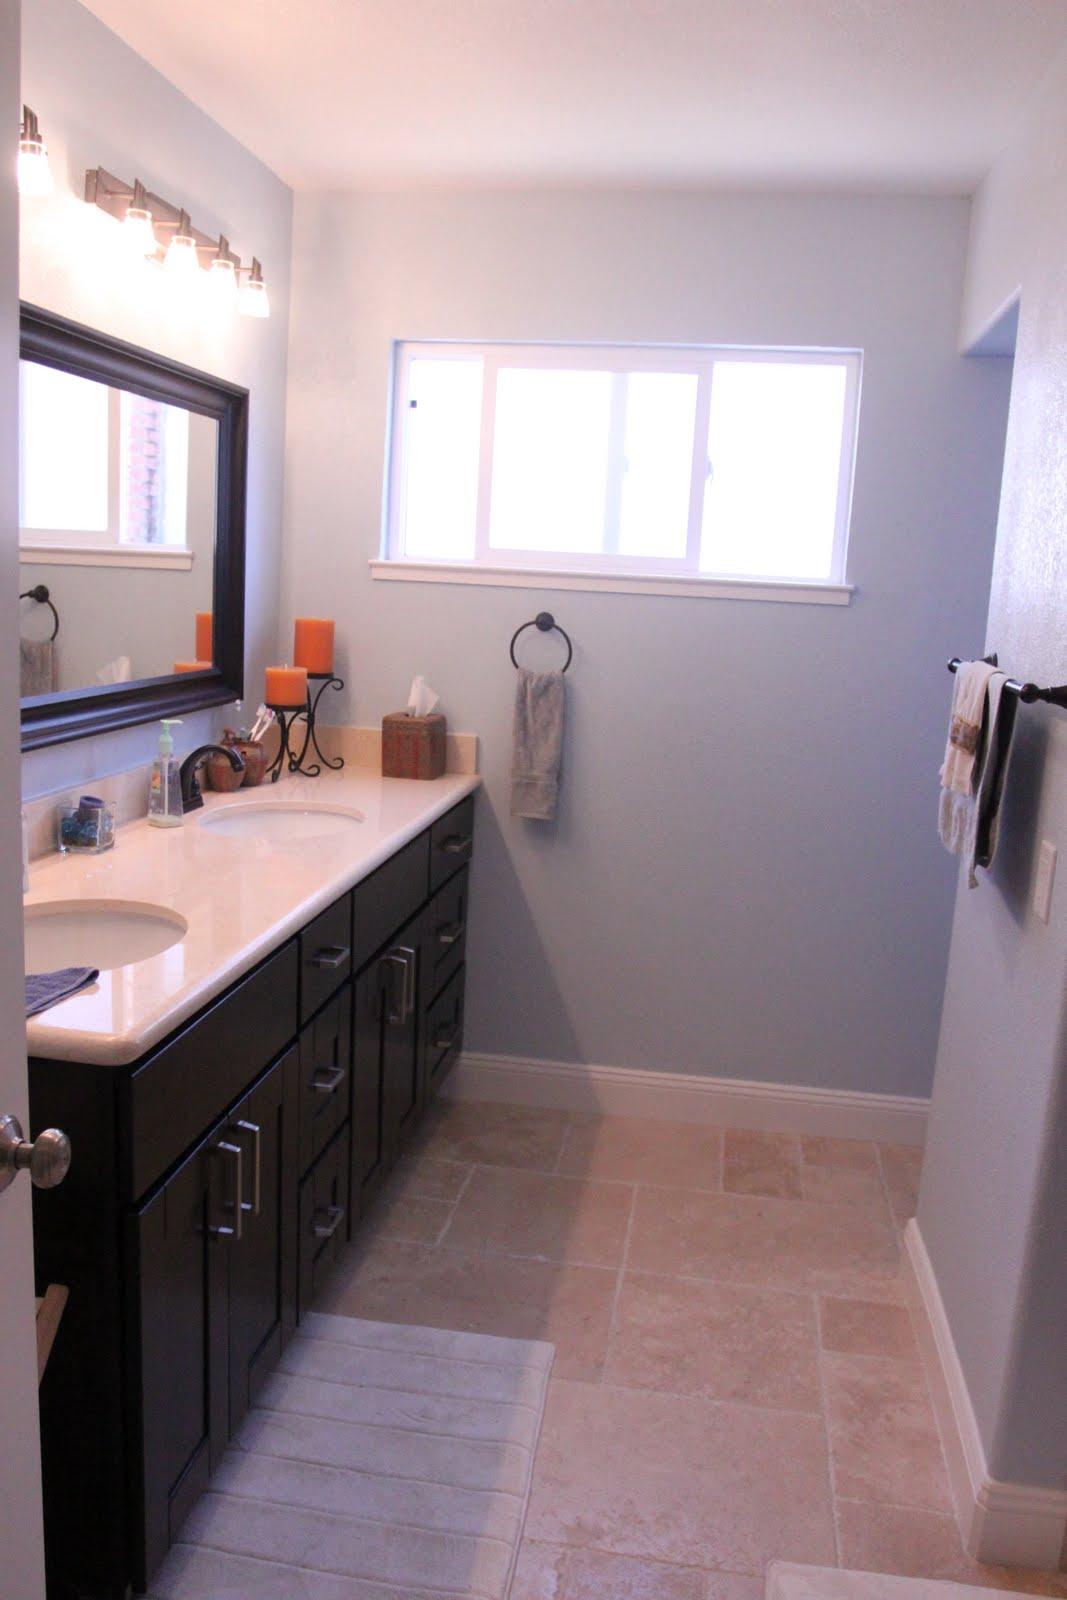 l vanity cabinets modular white org shaker bathroom livingurbanscape cabinet